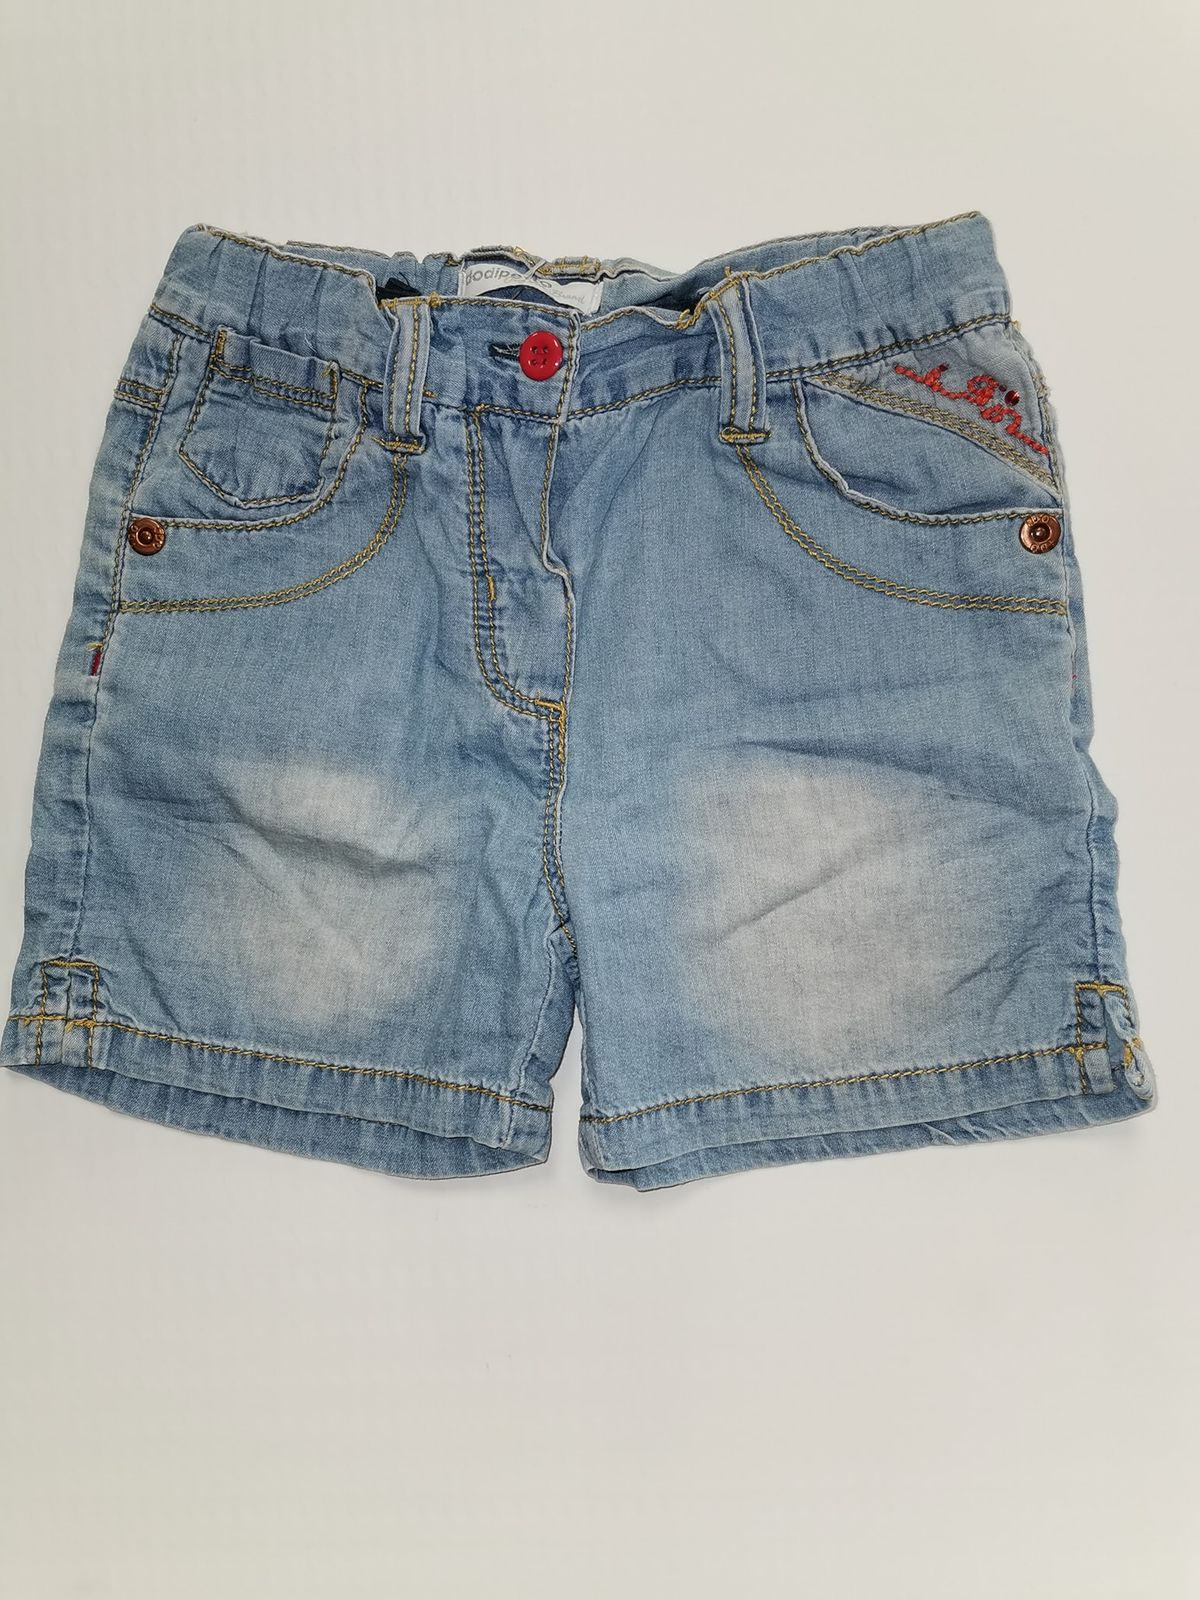 Jeans leggero 3 anni codice 7213 Dodipetto Euro 5,90